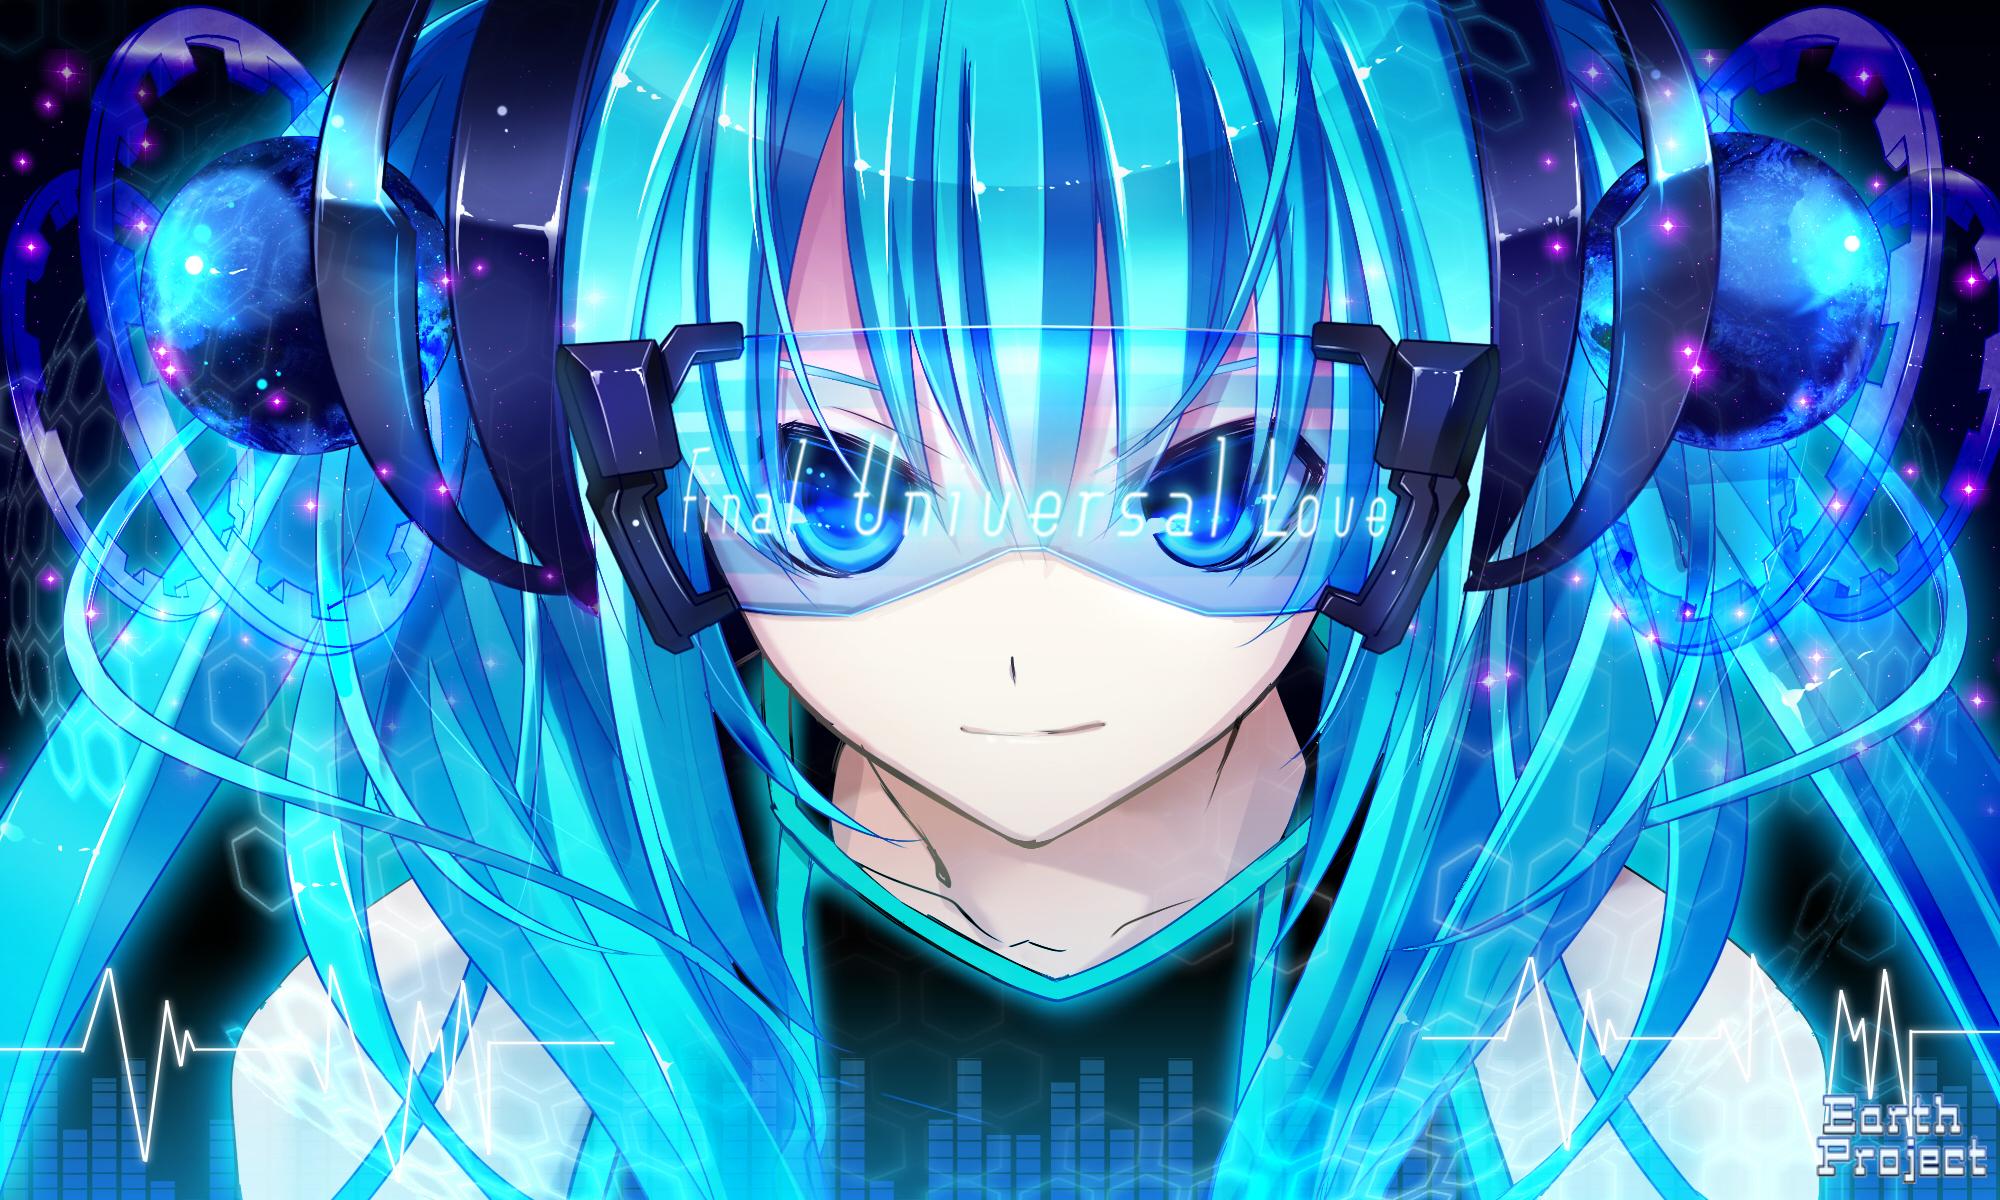 Miku headphones